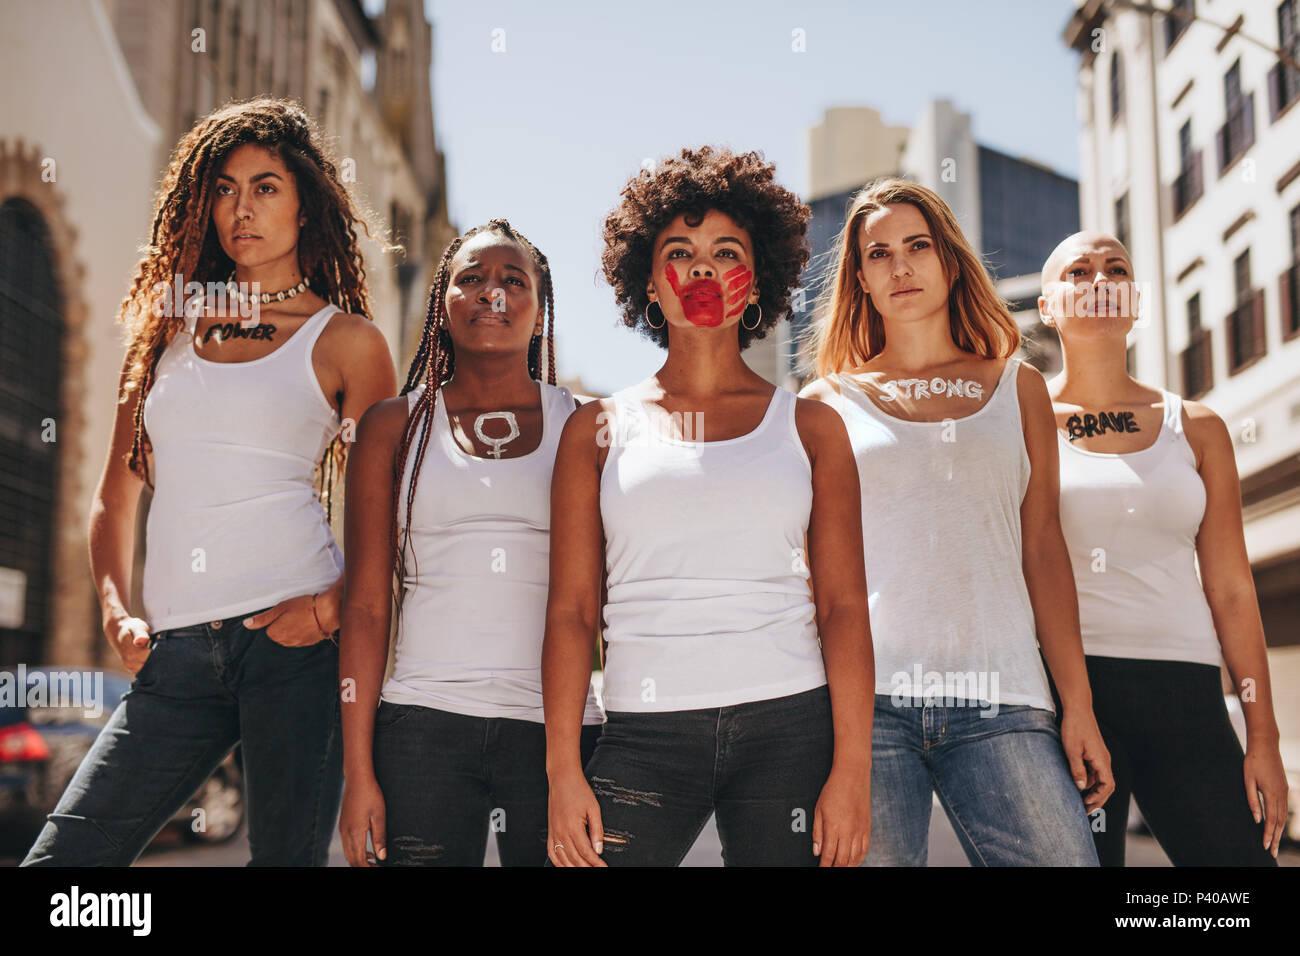 Groupe de femmes protestataires mars sur route pour l'autonomisation des femmes. Militantes en démontrant à l'extérieur code vestimentaire. Photo Stock